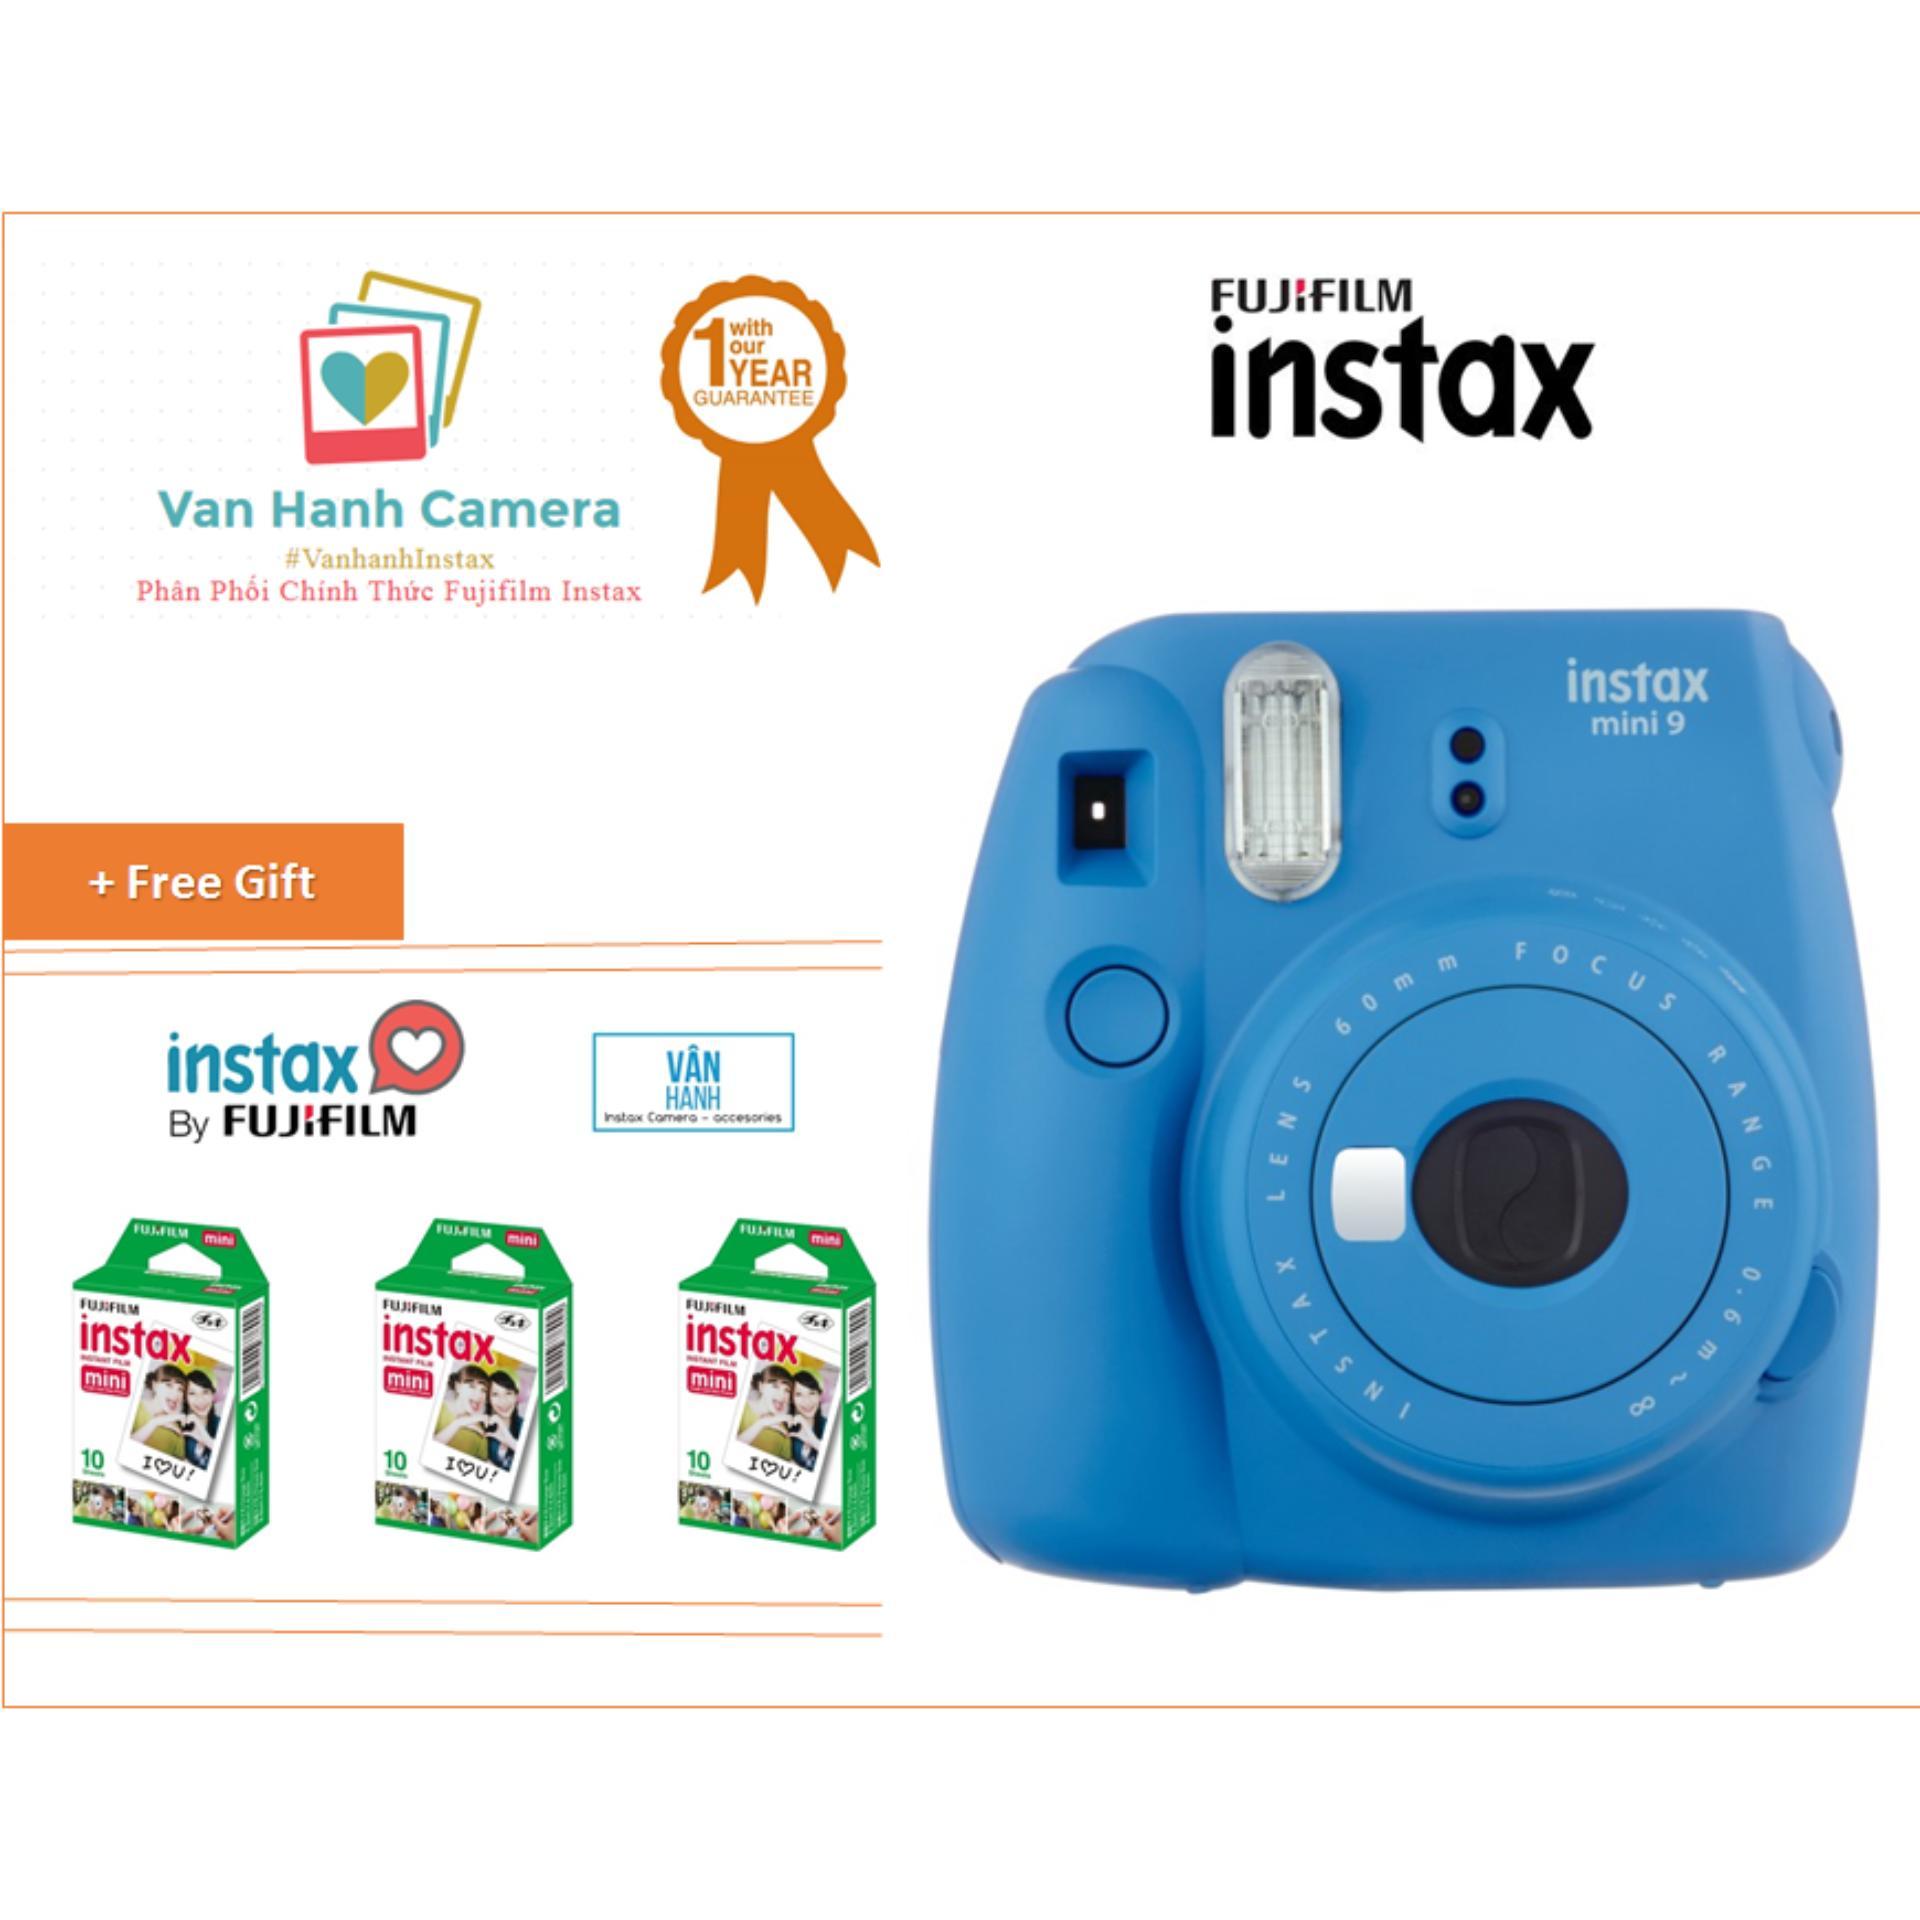 Máy Chụp Ảnh Lấy Ngay Fujifilm Instax Mini 9 COB Blue tặng 3 hộp film Instax mini 10/px – Phân phối chính hảng Fujifilm